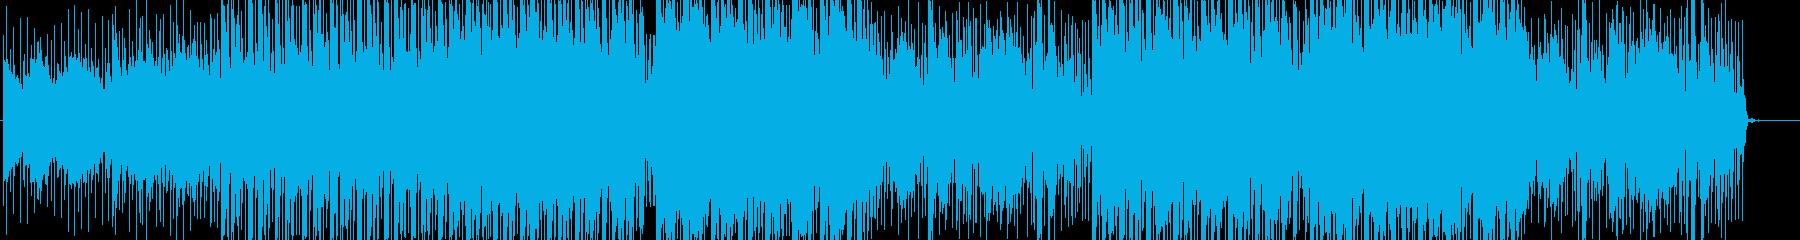 ピアノとシンセの幻想的で深いアンビエントの再生済みの波形